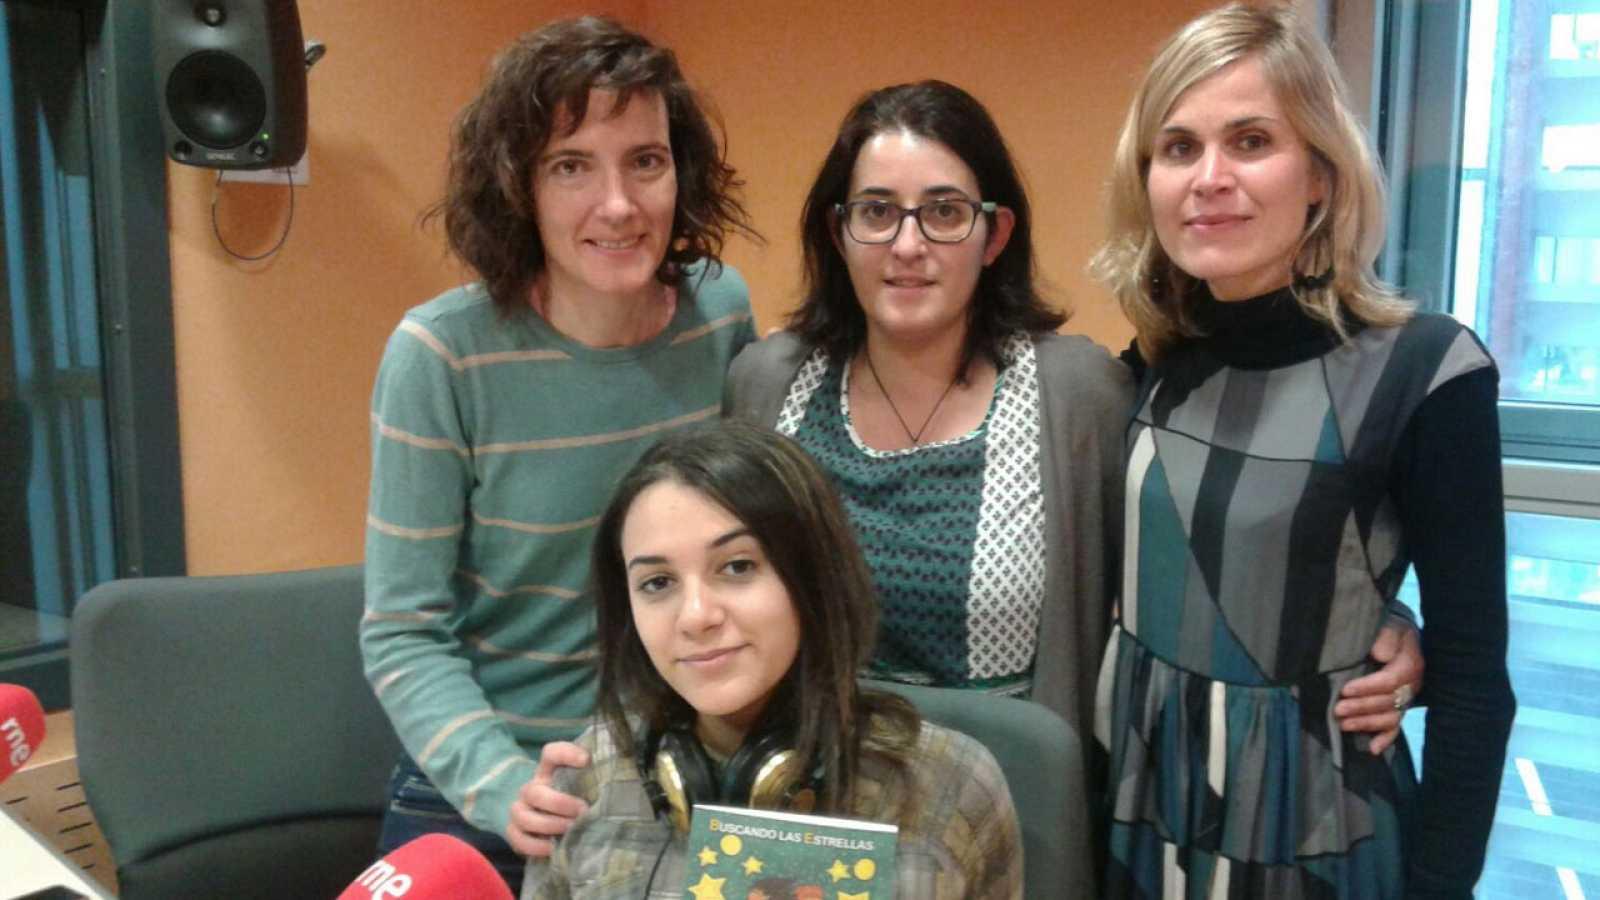 Llibres, píxels i valors - Pallasos en Rebeldía a Idomeni. Buscando las Estrellas, un llibre d'Audrey Damas que recull les experiències d'adolescents i la seva integració a Catalunya